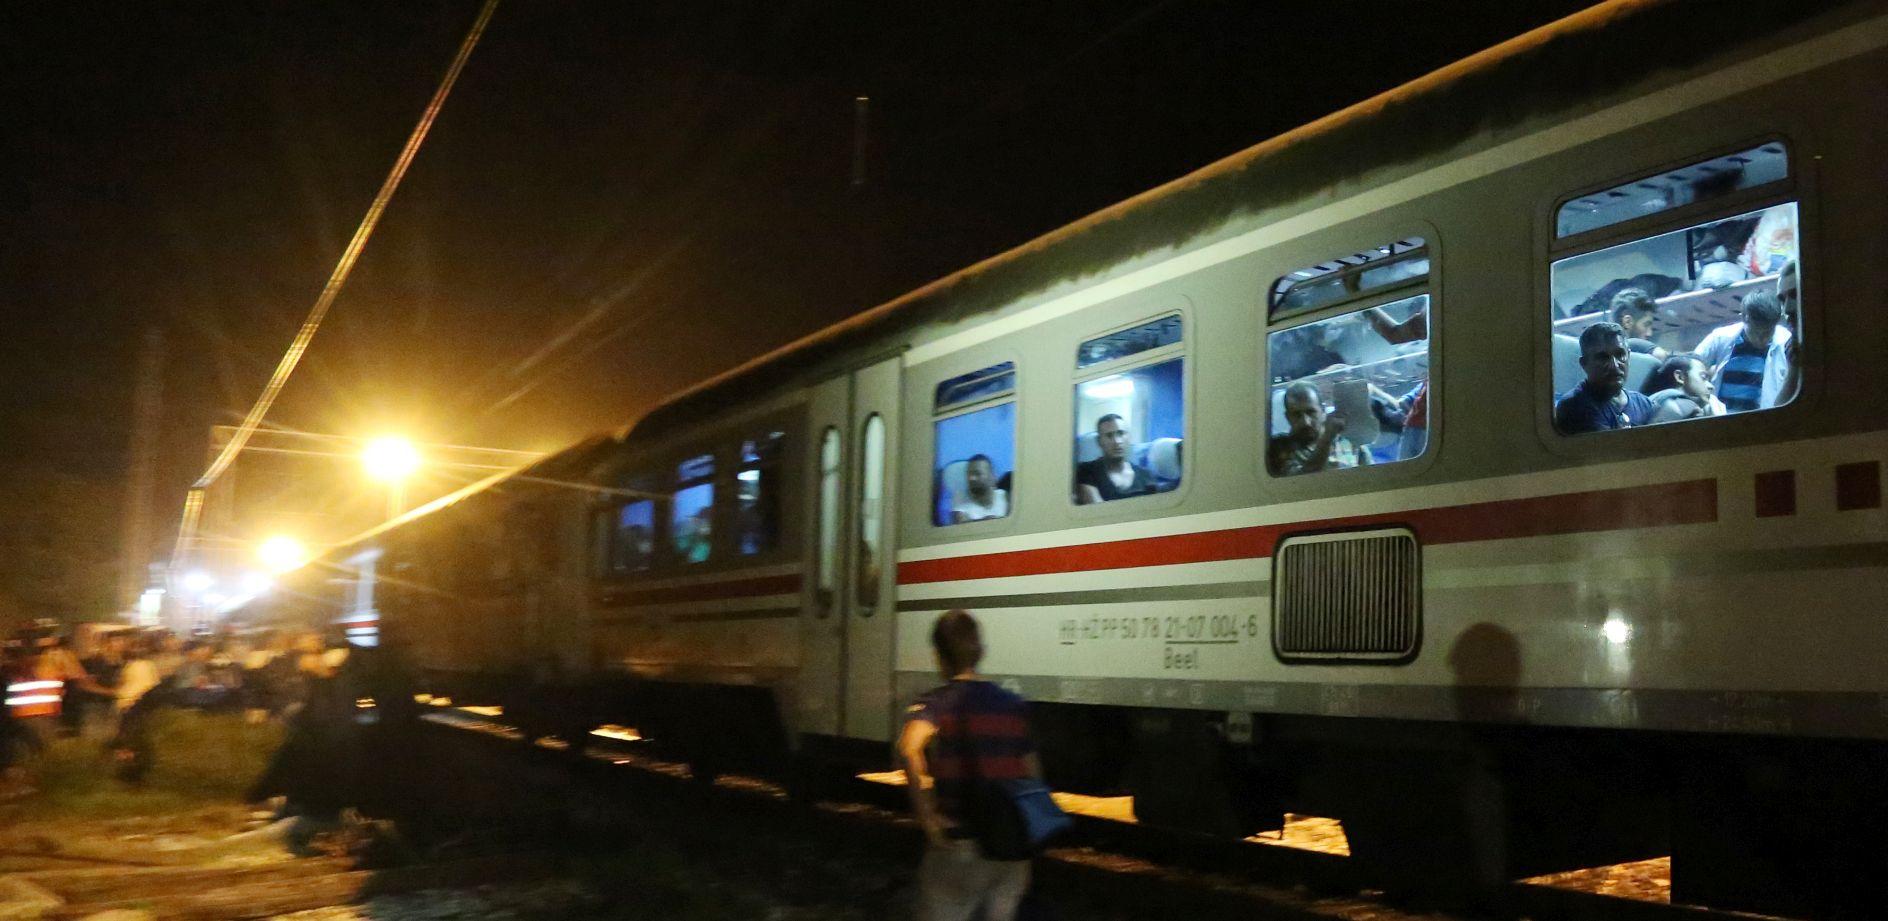 DEŽELA SPUSTILA RAMPU Slovenija zbog migranata otkazala vlakove iz Hrvatske